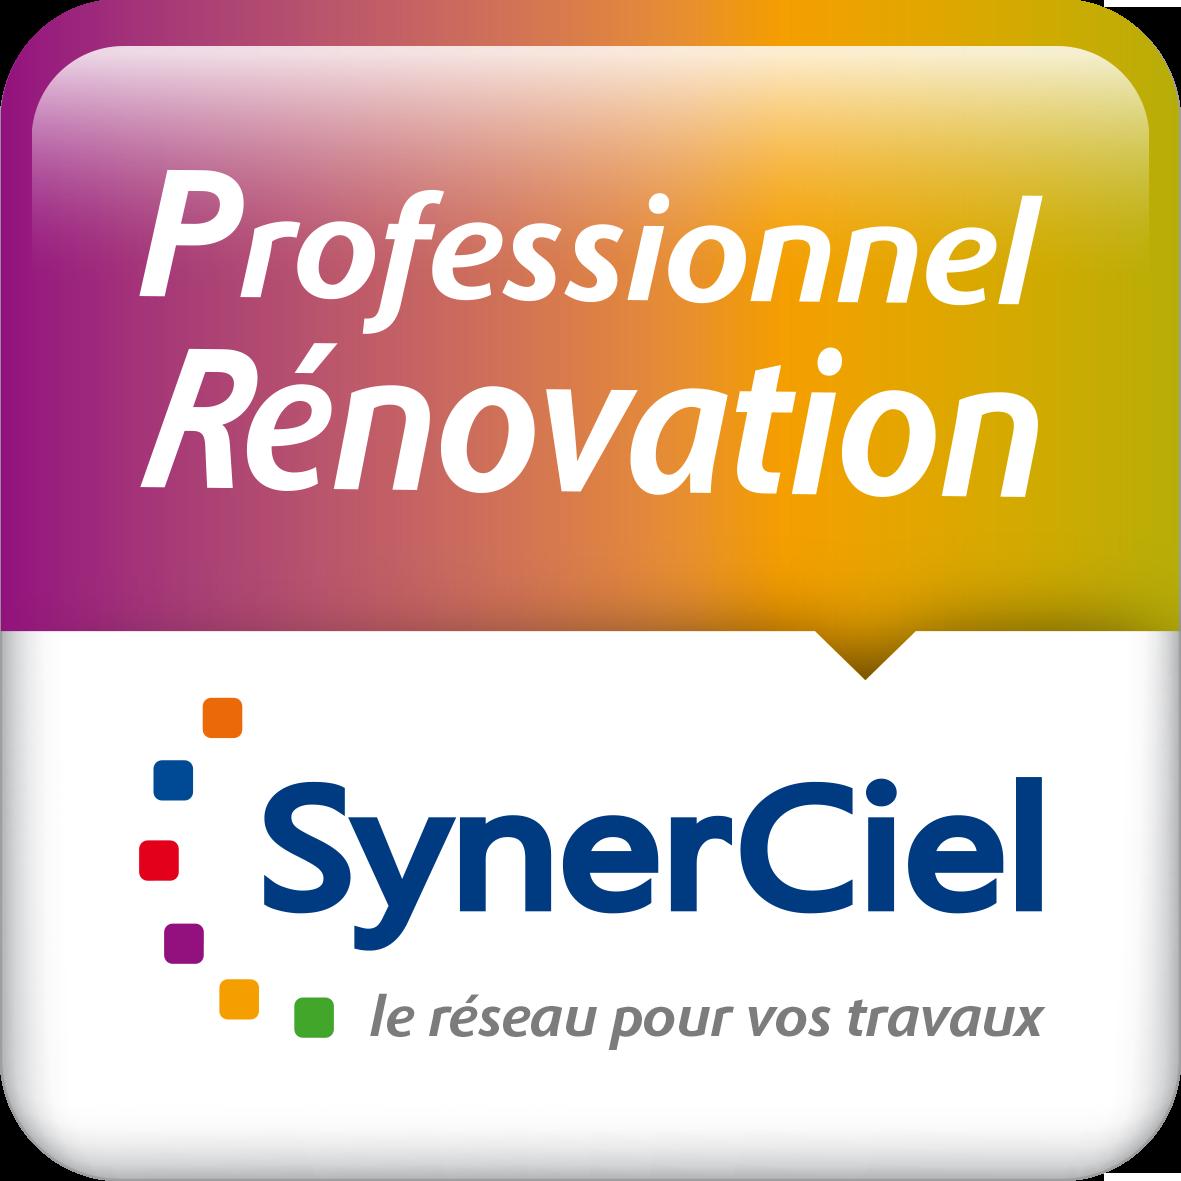 Prime Travaux SynerCiel